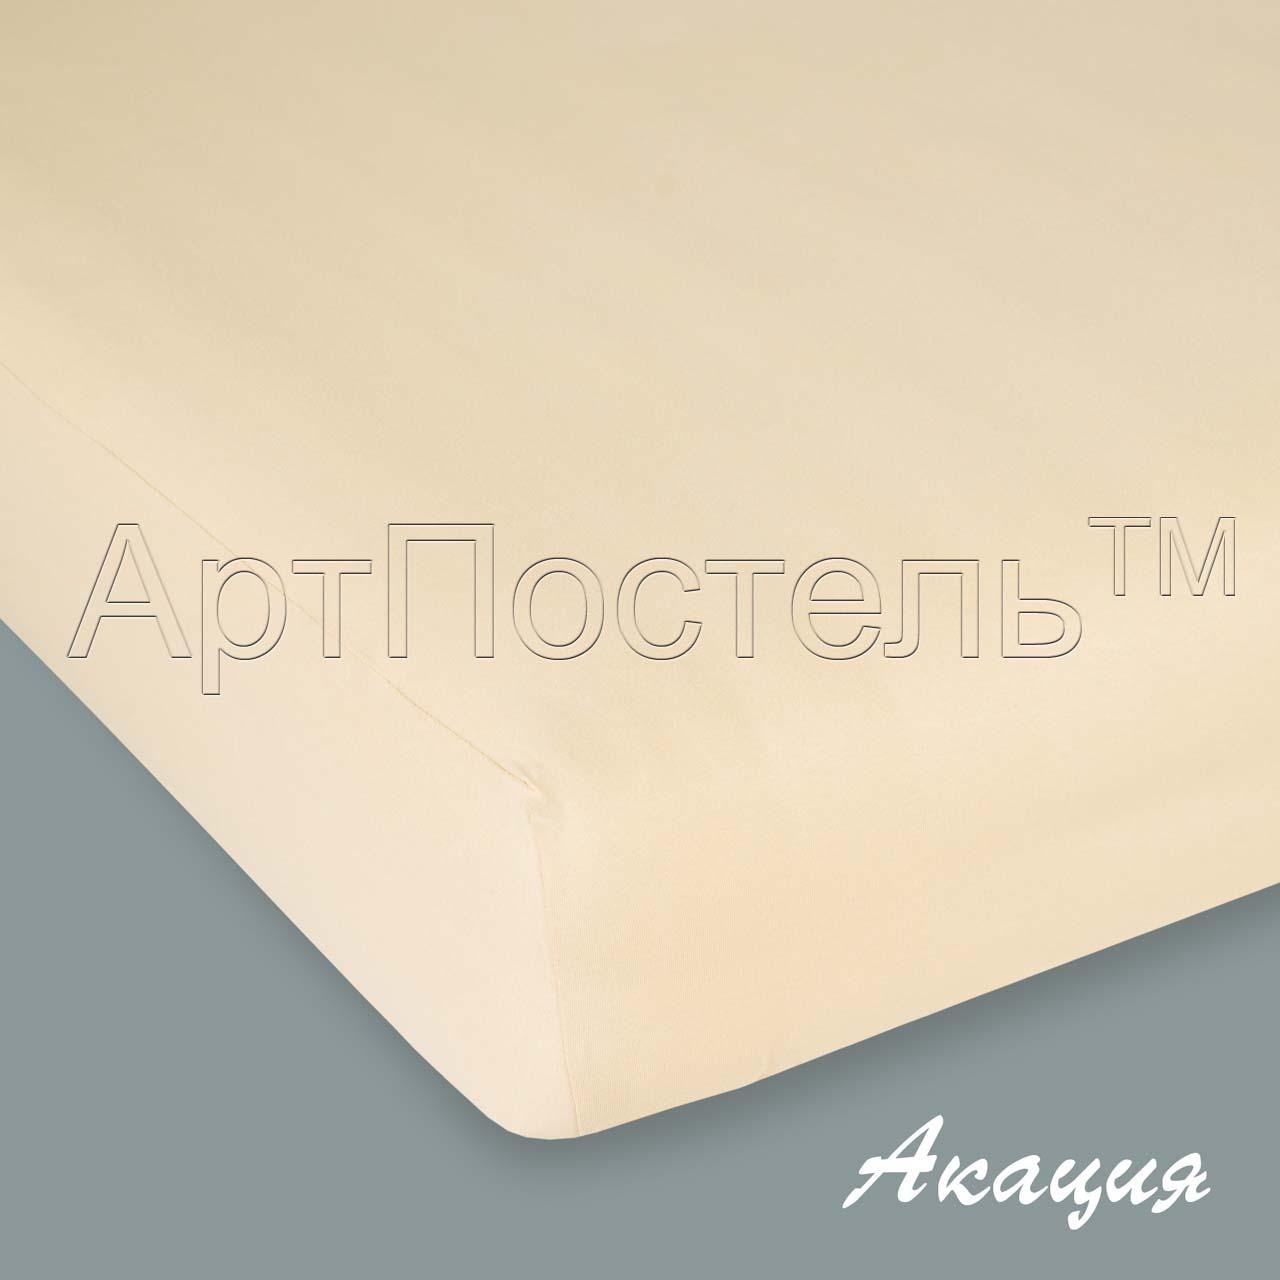 Простыня на резинке Акация, размер 200х200 смПростыни<br>Плотность ткани: 145 г/кв. м <br>Высота матраса: 20 см<br><br>Тип: Простыня<br>Размер: 200х200<br>Материал: Кулирка